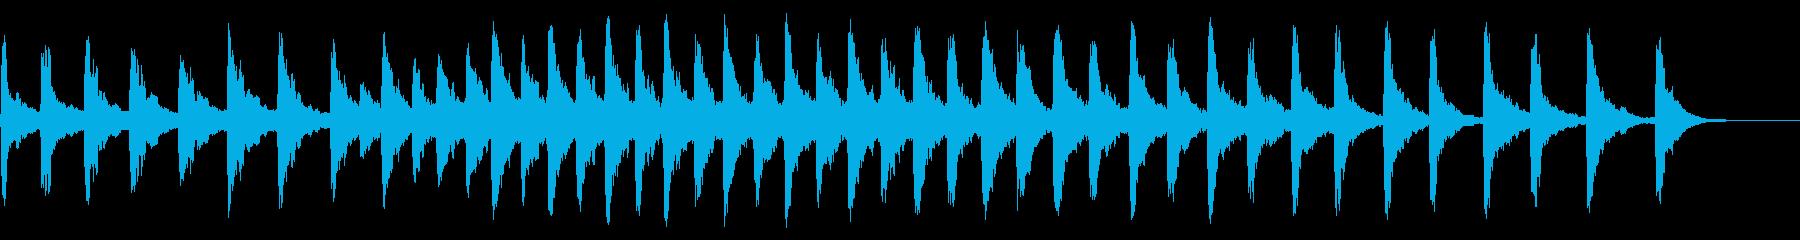 レプトンチャーチBベル:スロートゥ...の再生済みの波形